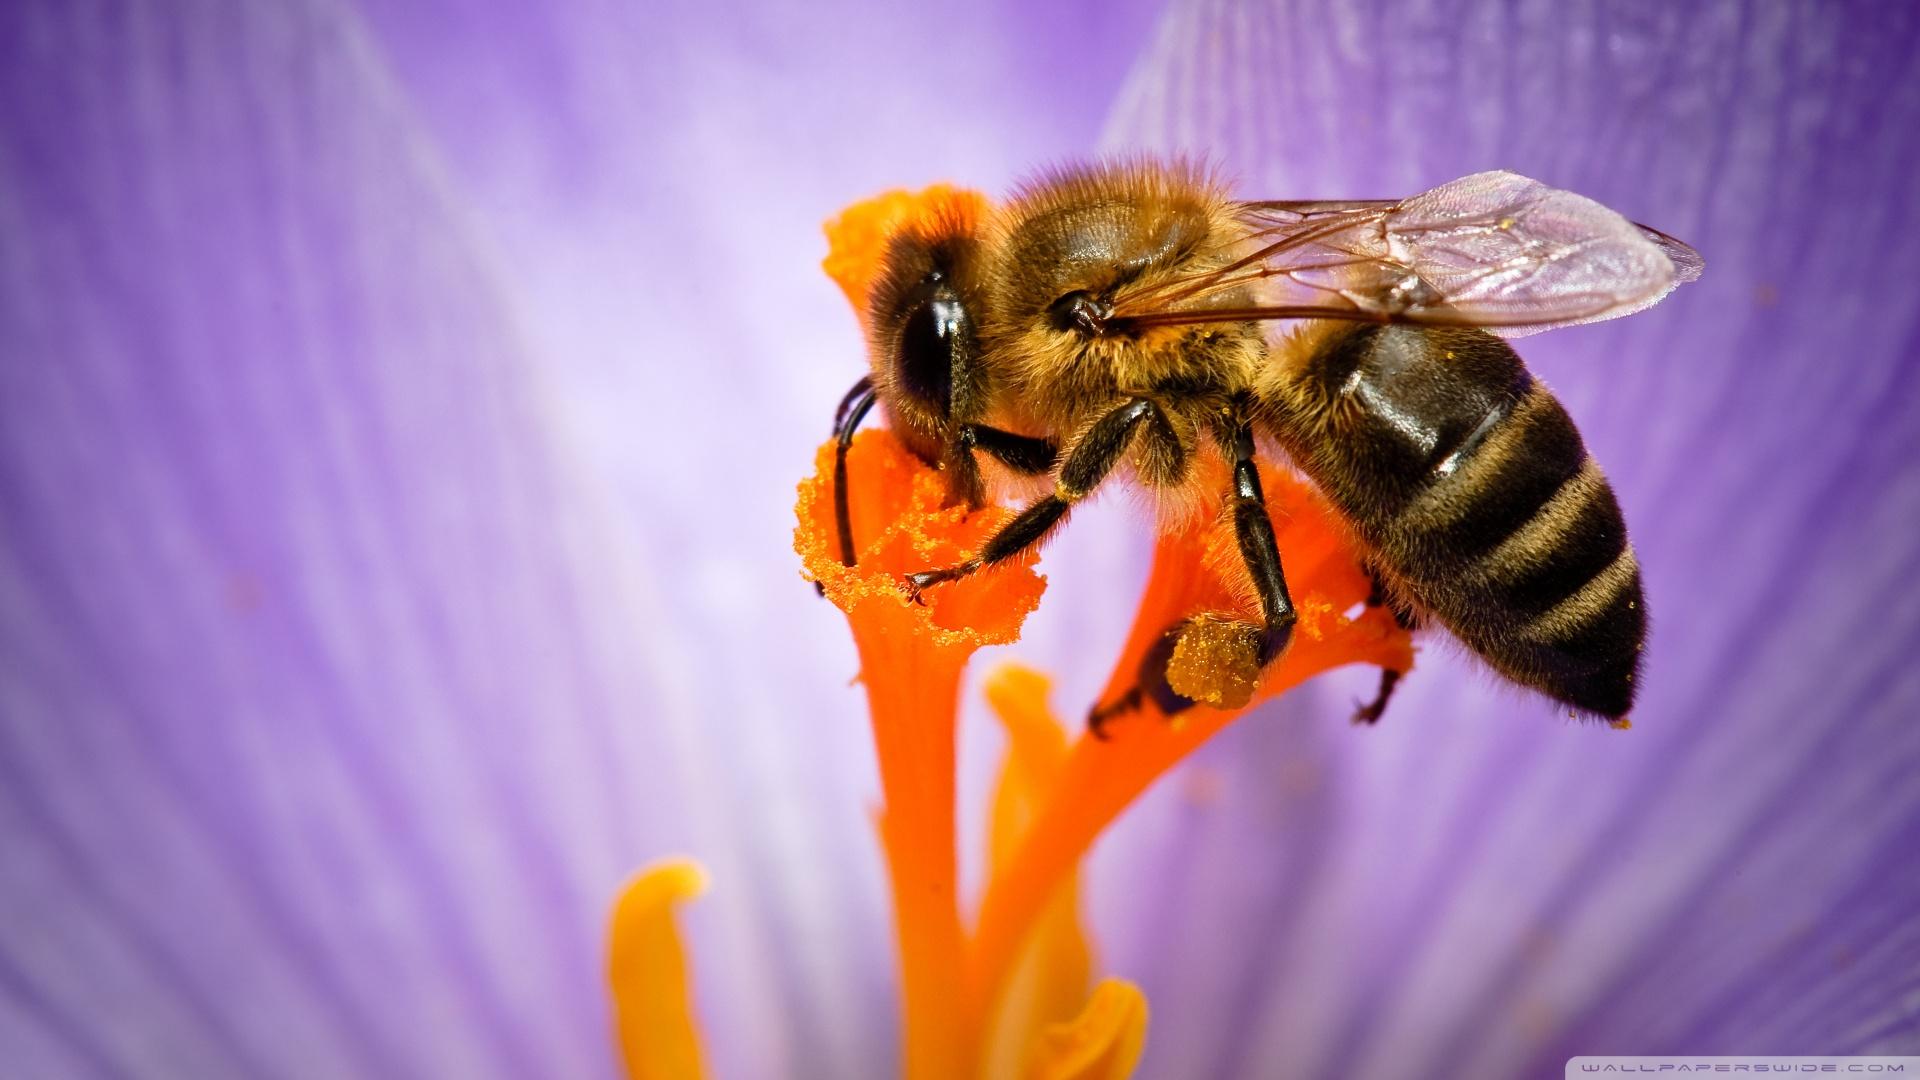 Honey Bee 2 Wallpaper 1920x1080 Honey Bee 2 1920x1080